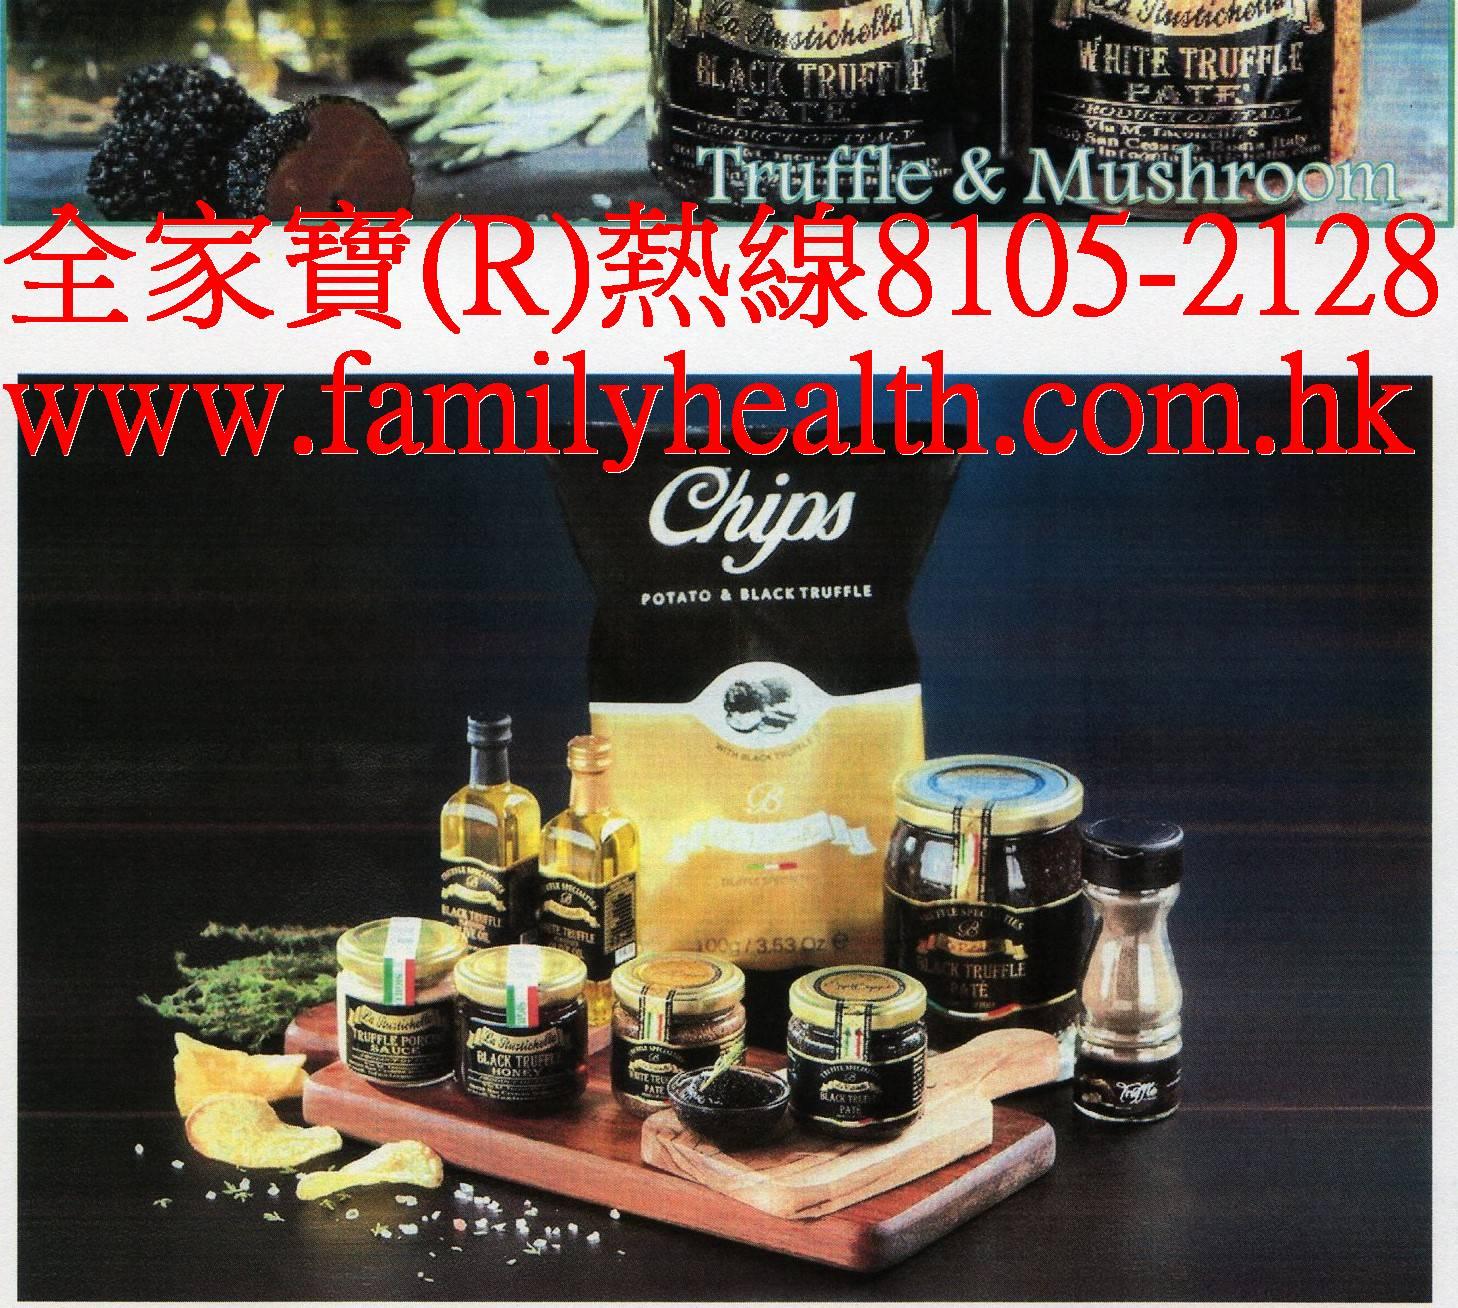 http://www.familyhealth.com.hk/files/full/1184_2.jpg